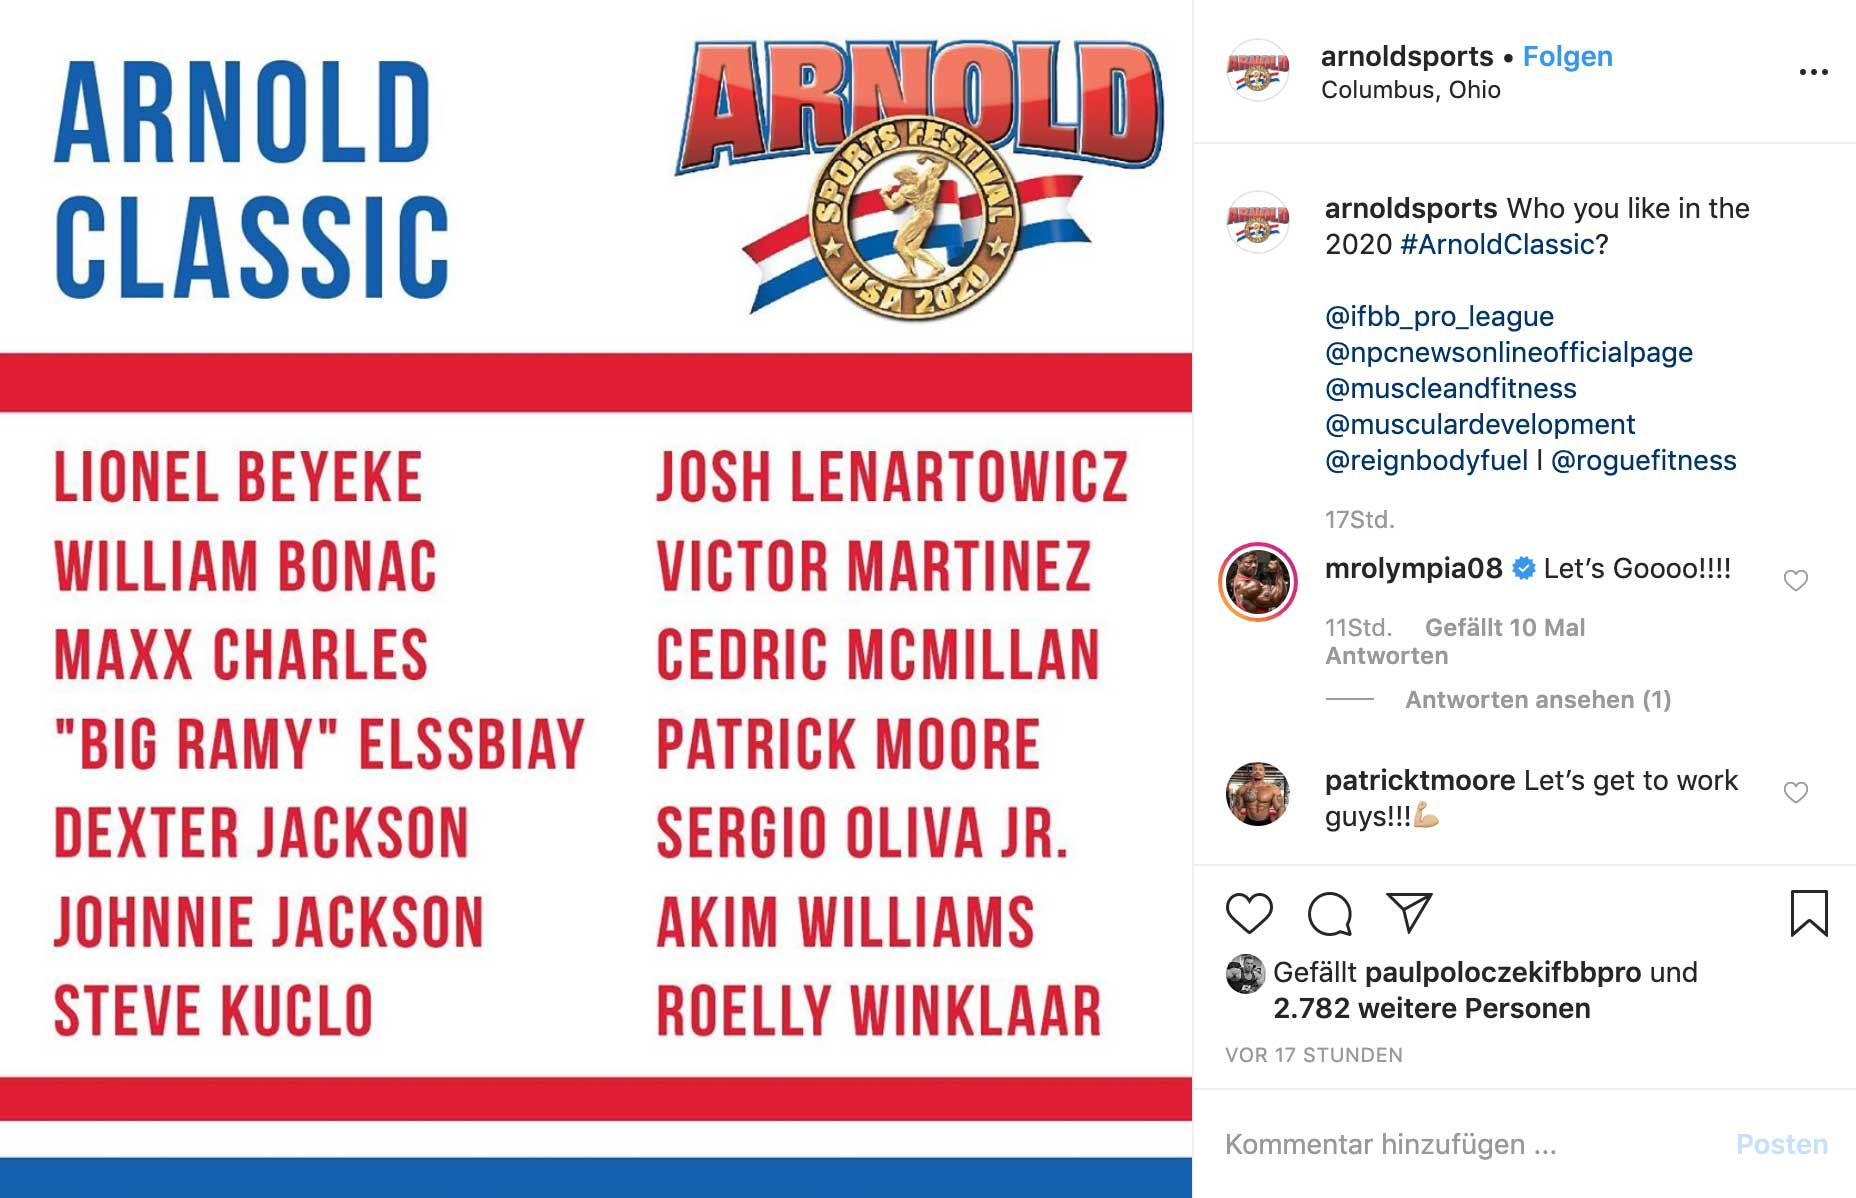 Instagram-Screenshot: Einstige Teilnehmerliste der Arnold Classic 2020